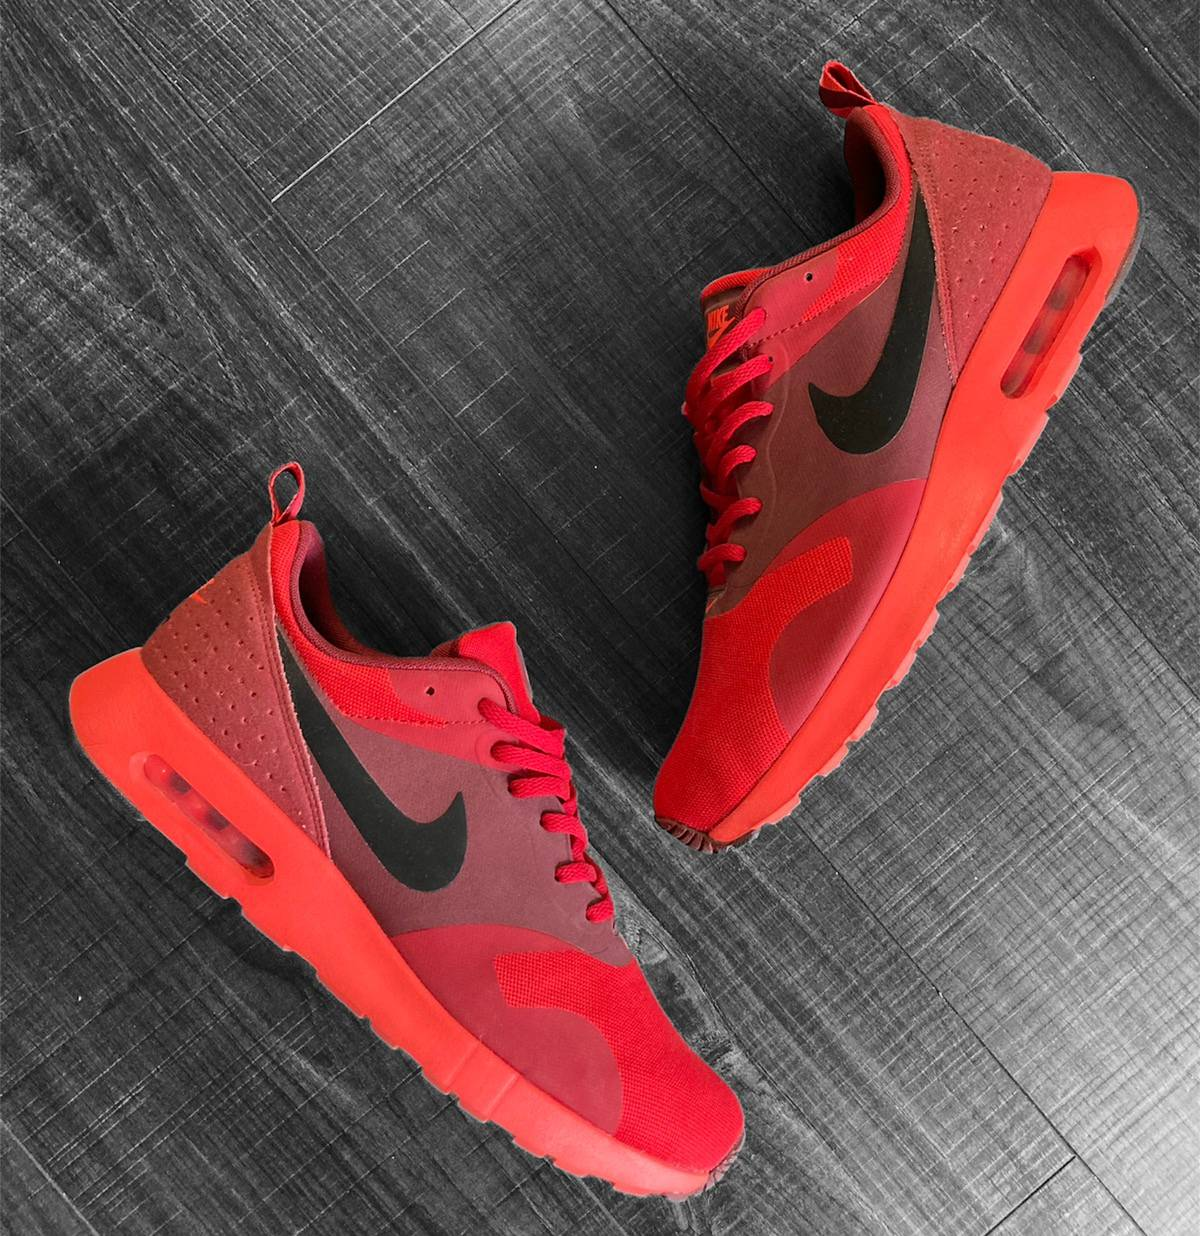 Nike NIKE Air Max Tavas University Red | Black-Gym Red-Team Red